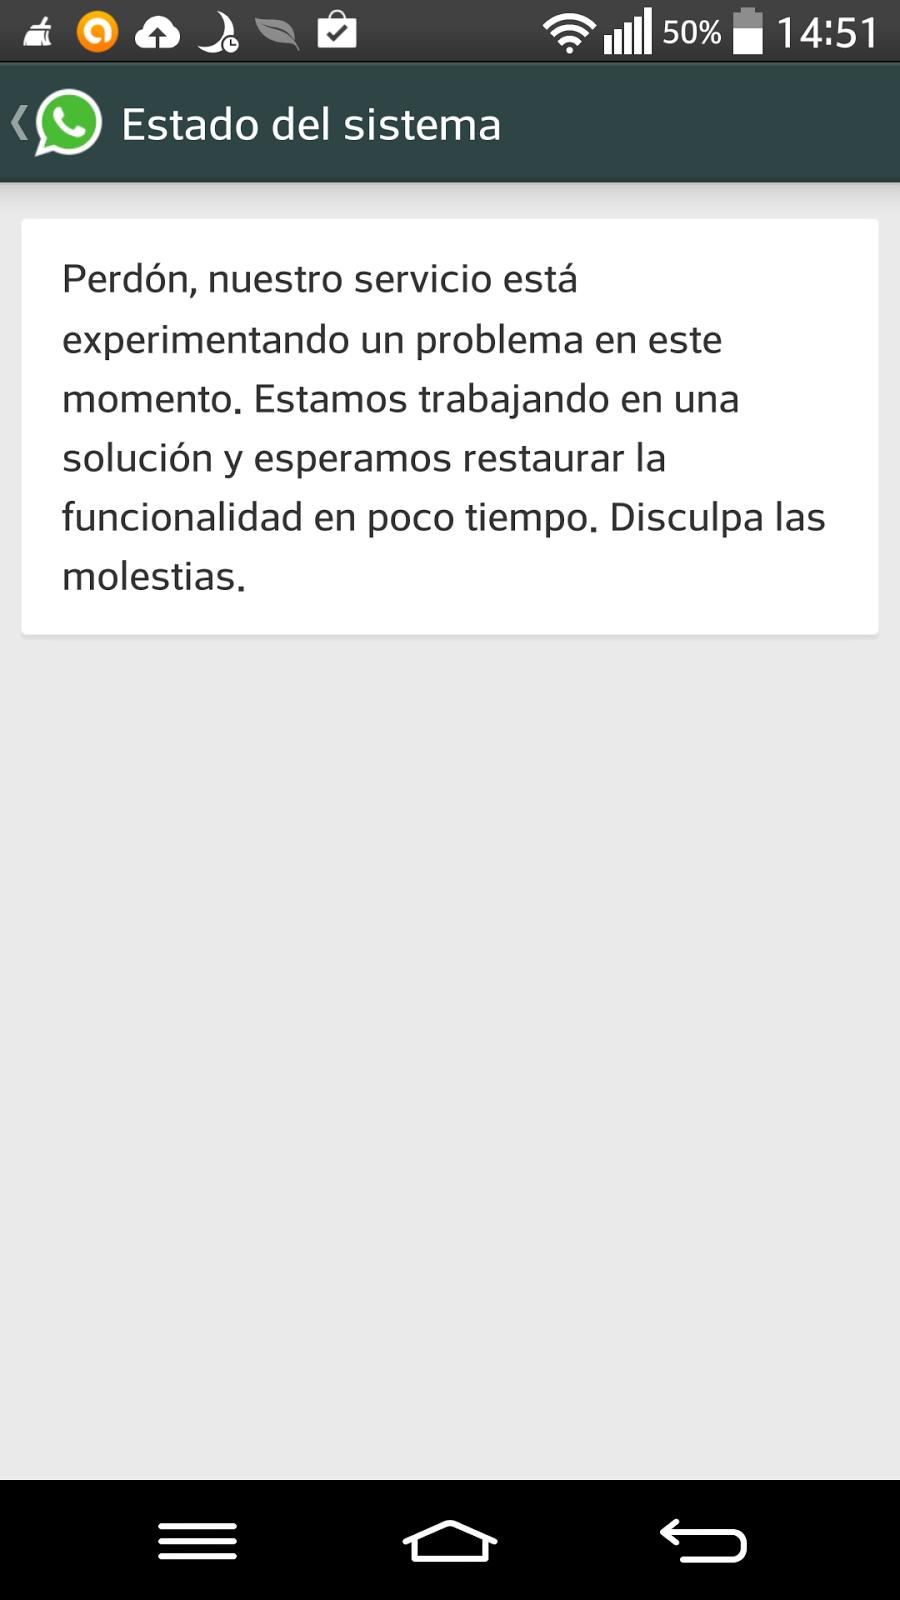 Whatsapp esta fuera de servicio debido a un problema que sigue desde hace una hora.